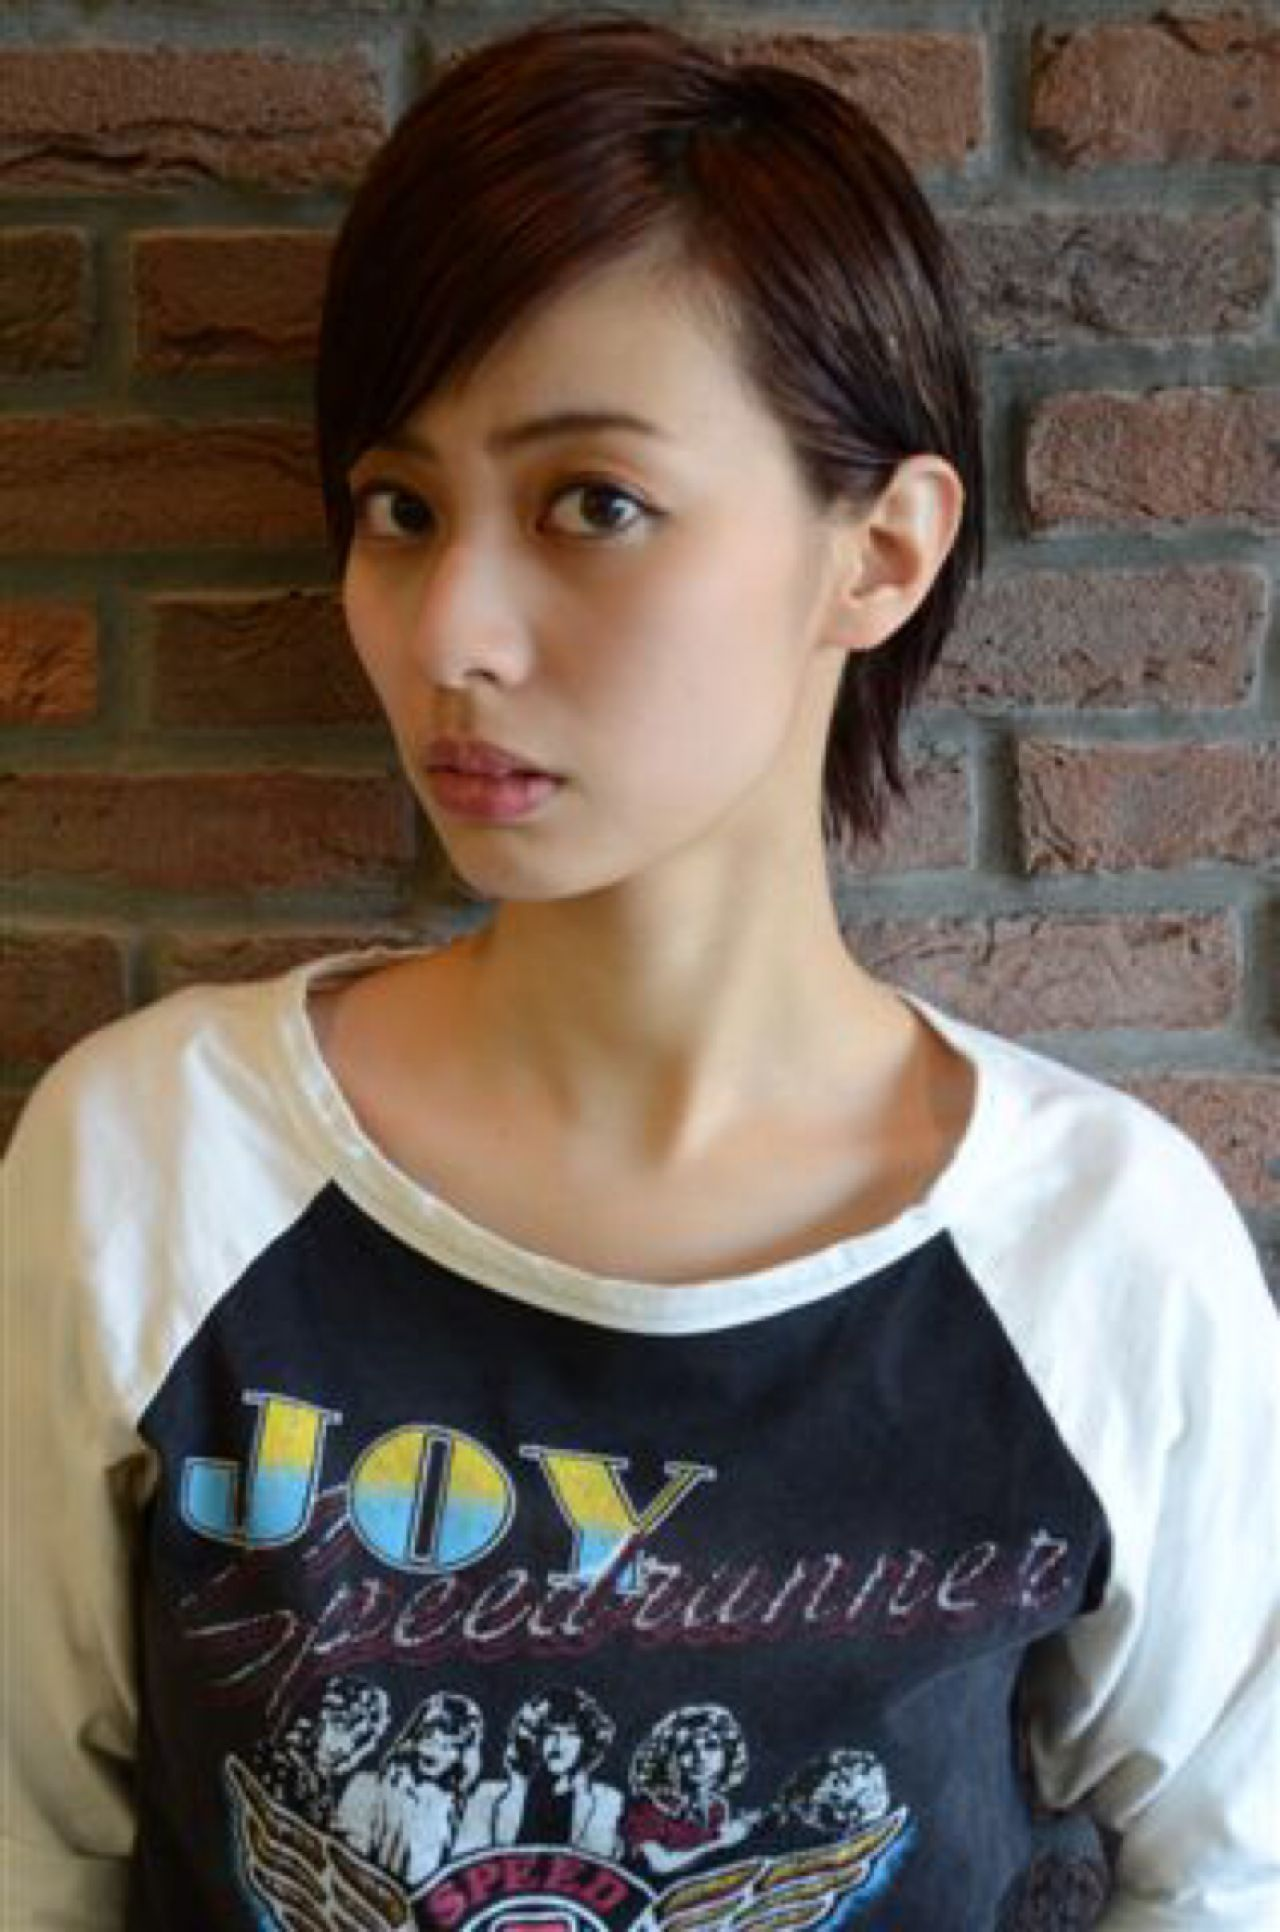 マンネリ化させない。ショートヘアさんのためのスタイリング講座。 中垣内 康宏 / ReX valeo